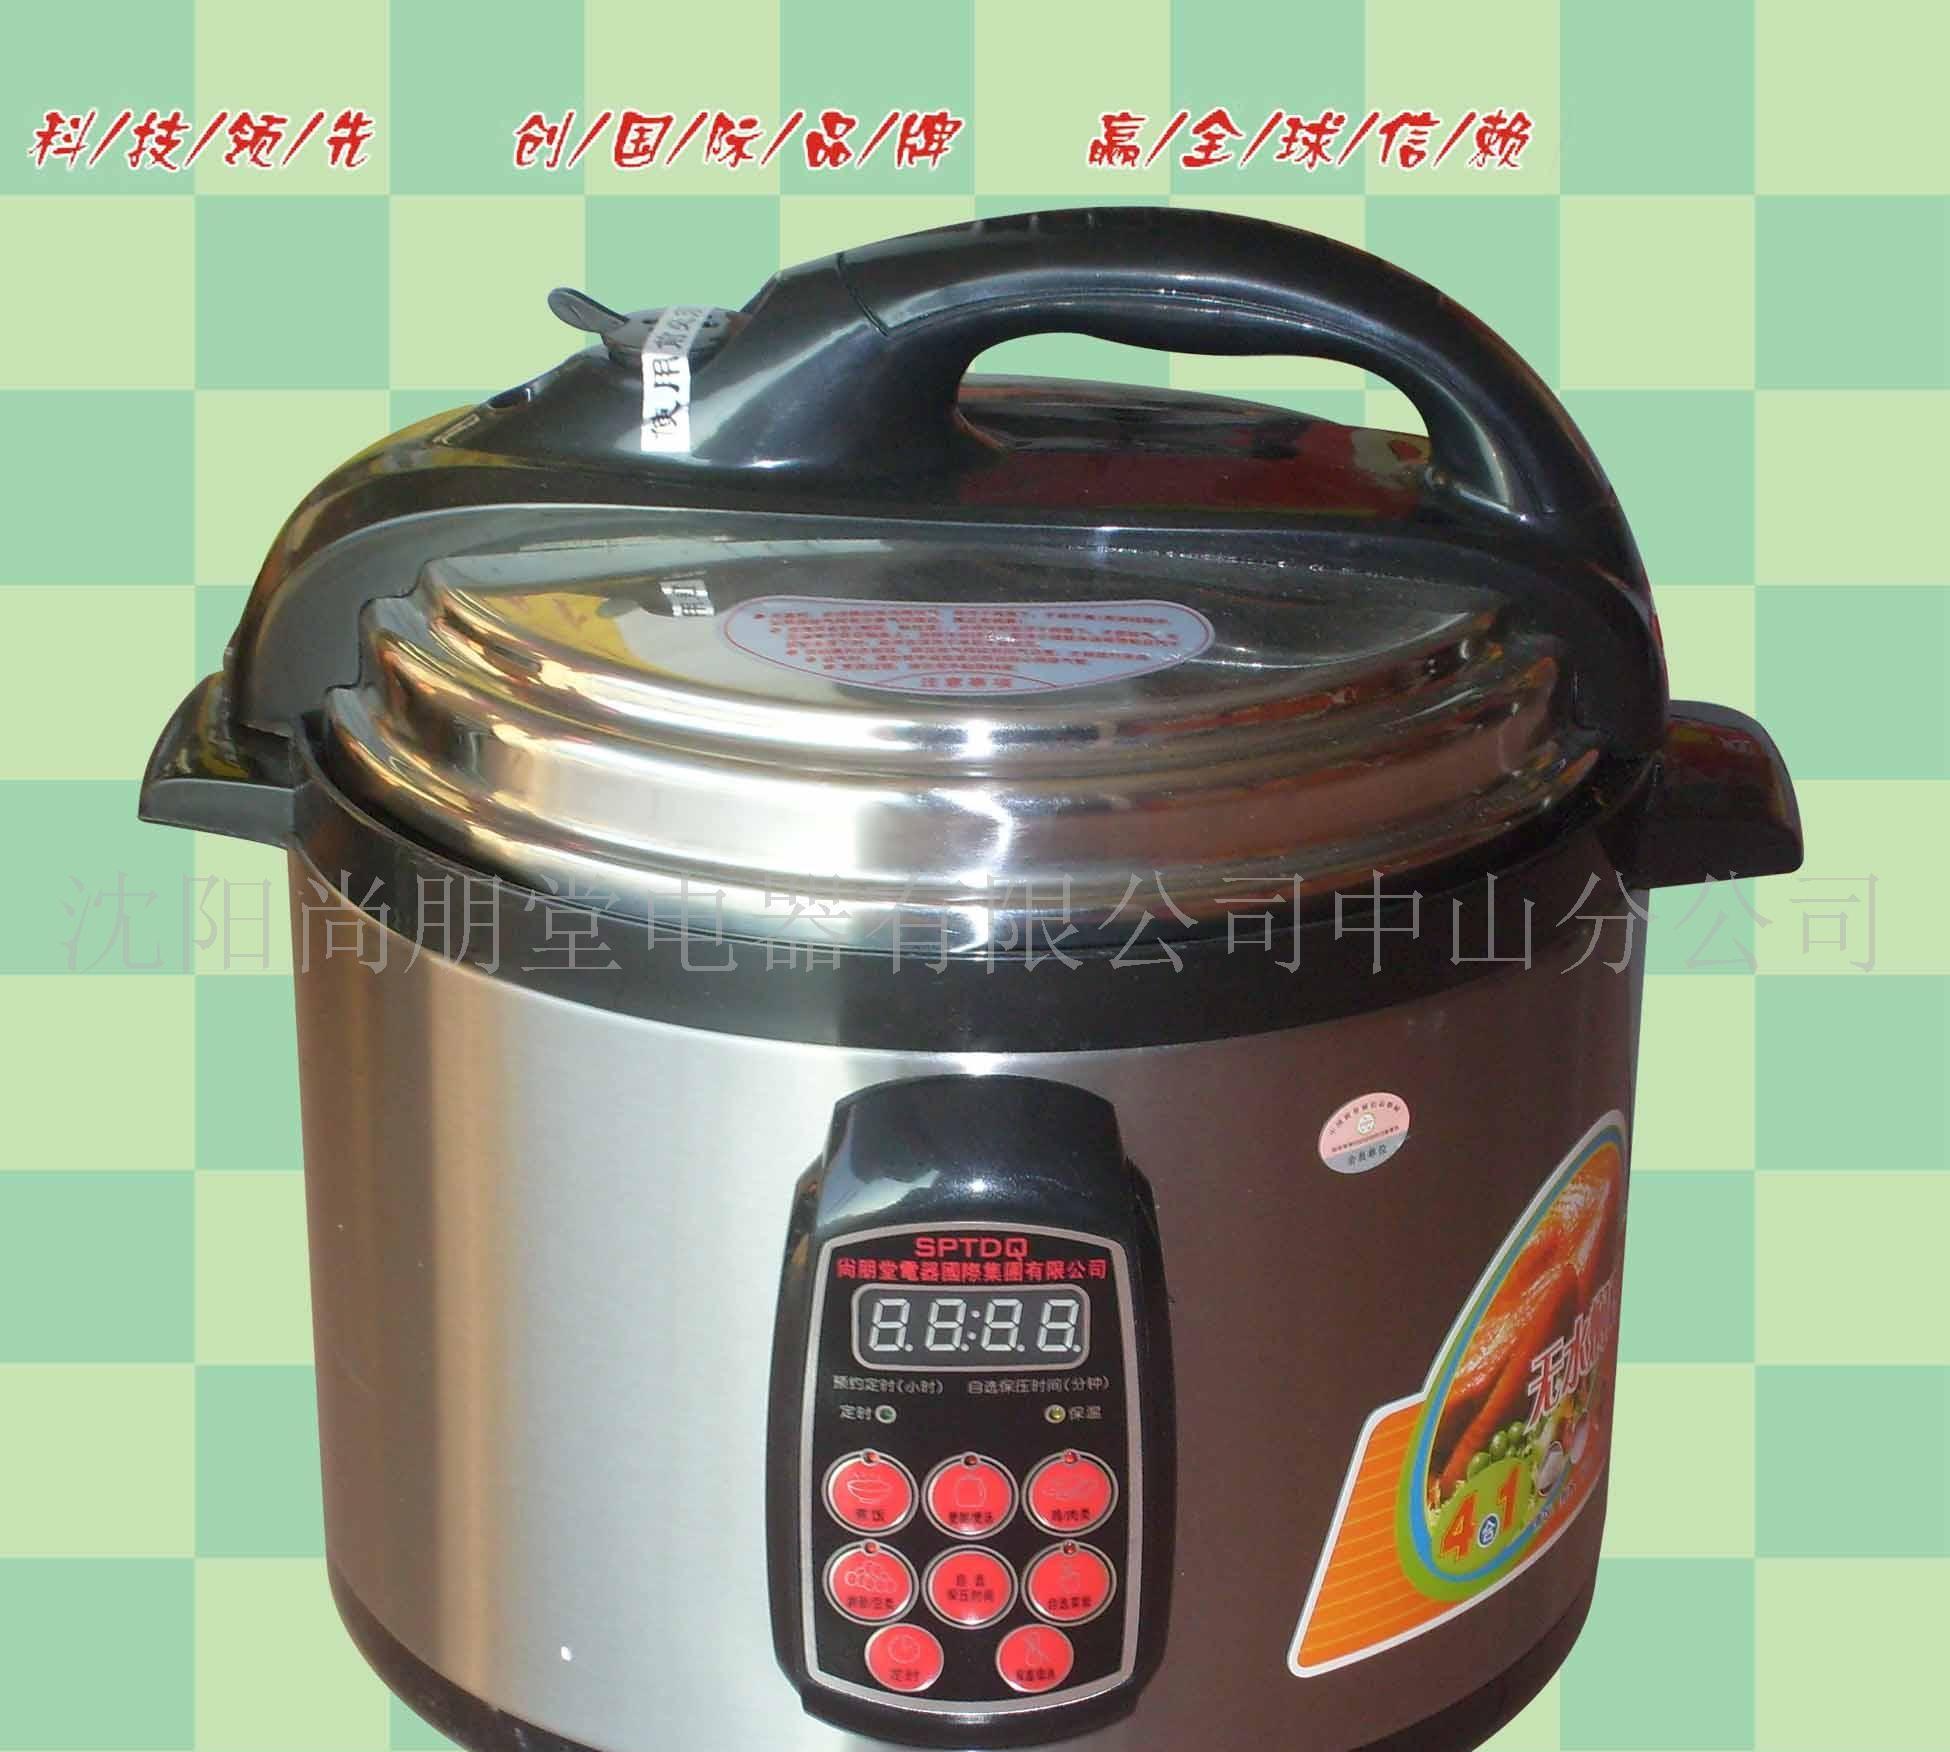 尚朋堂电压力锅_厨房电器